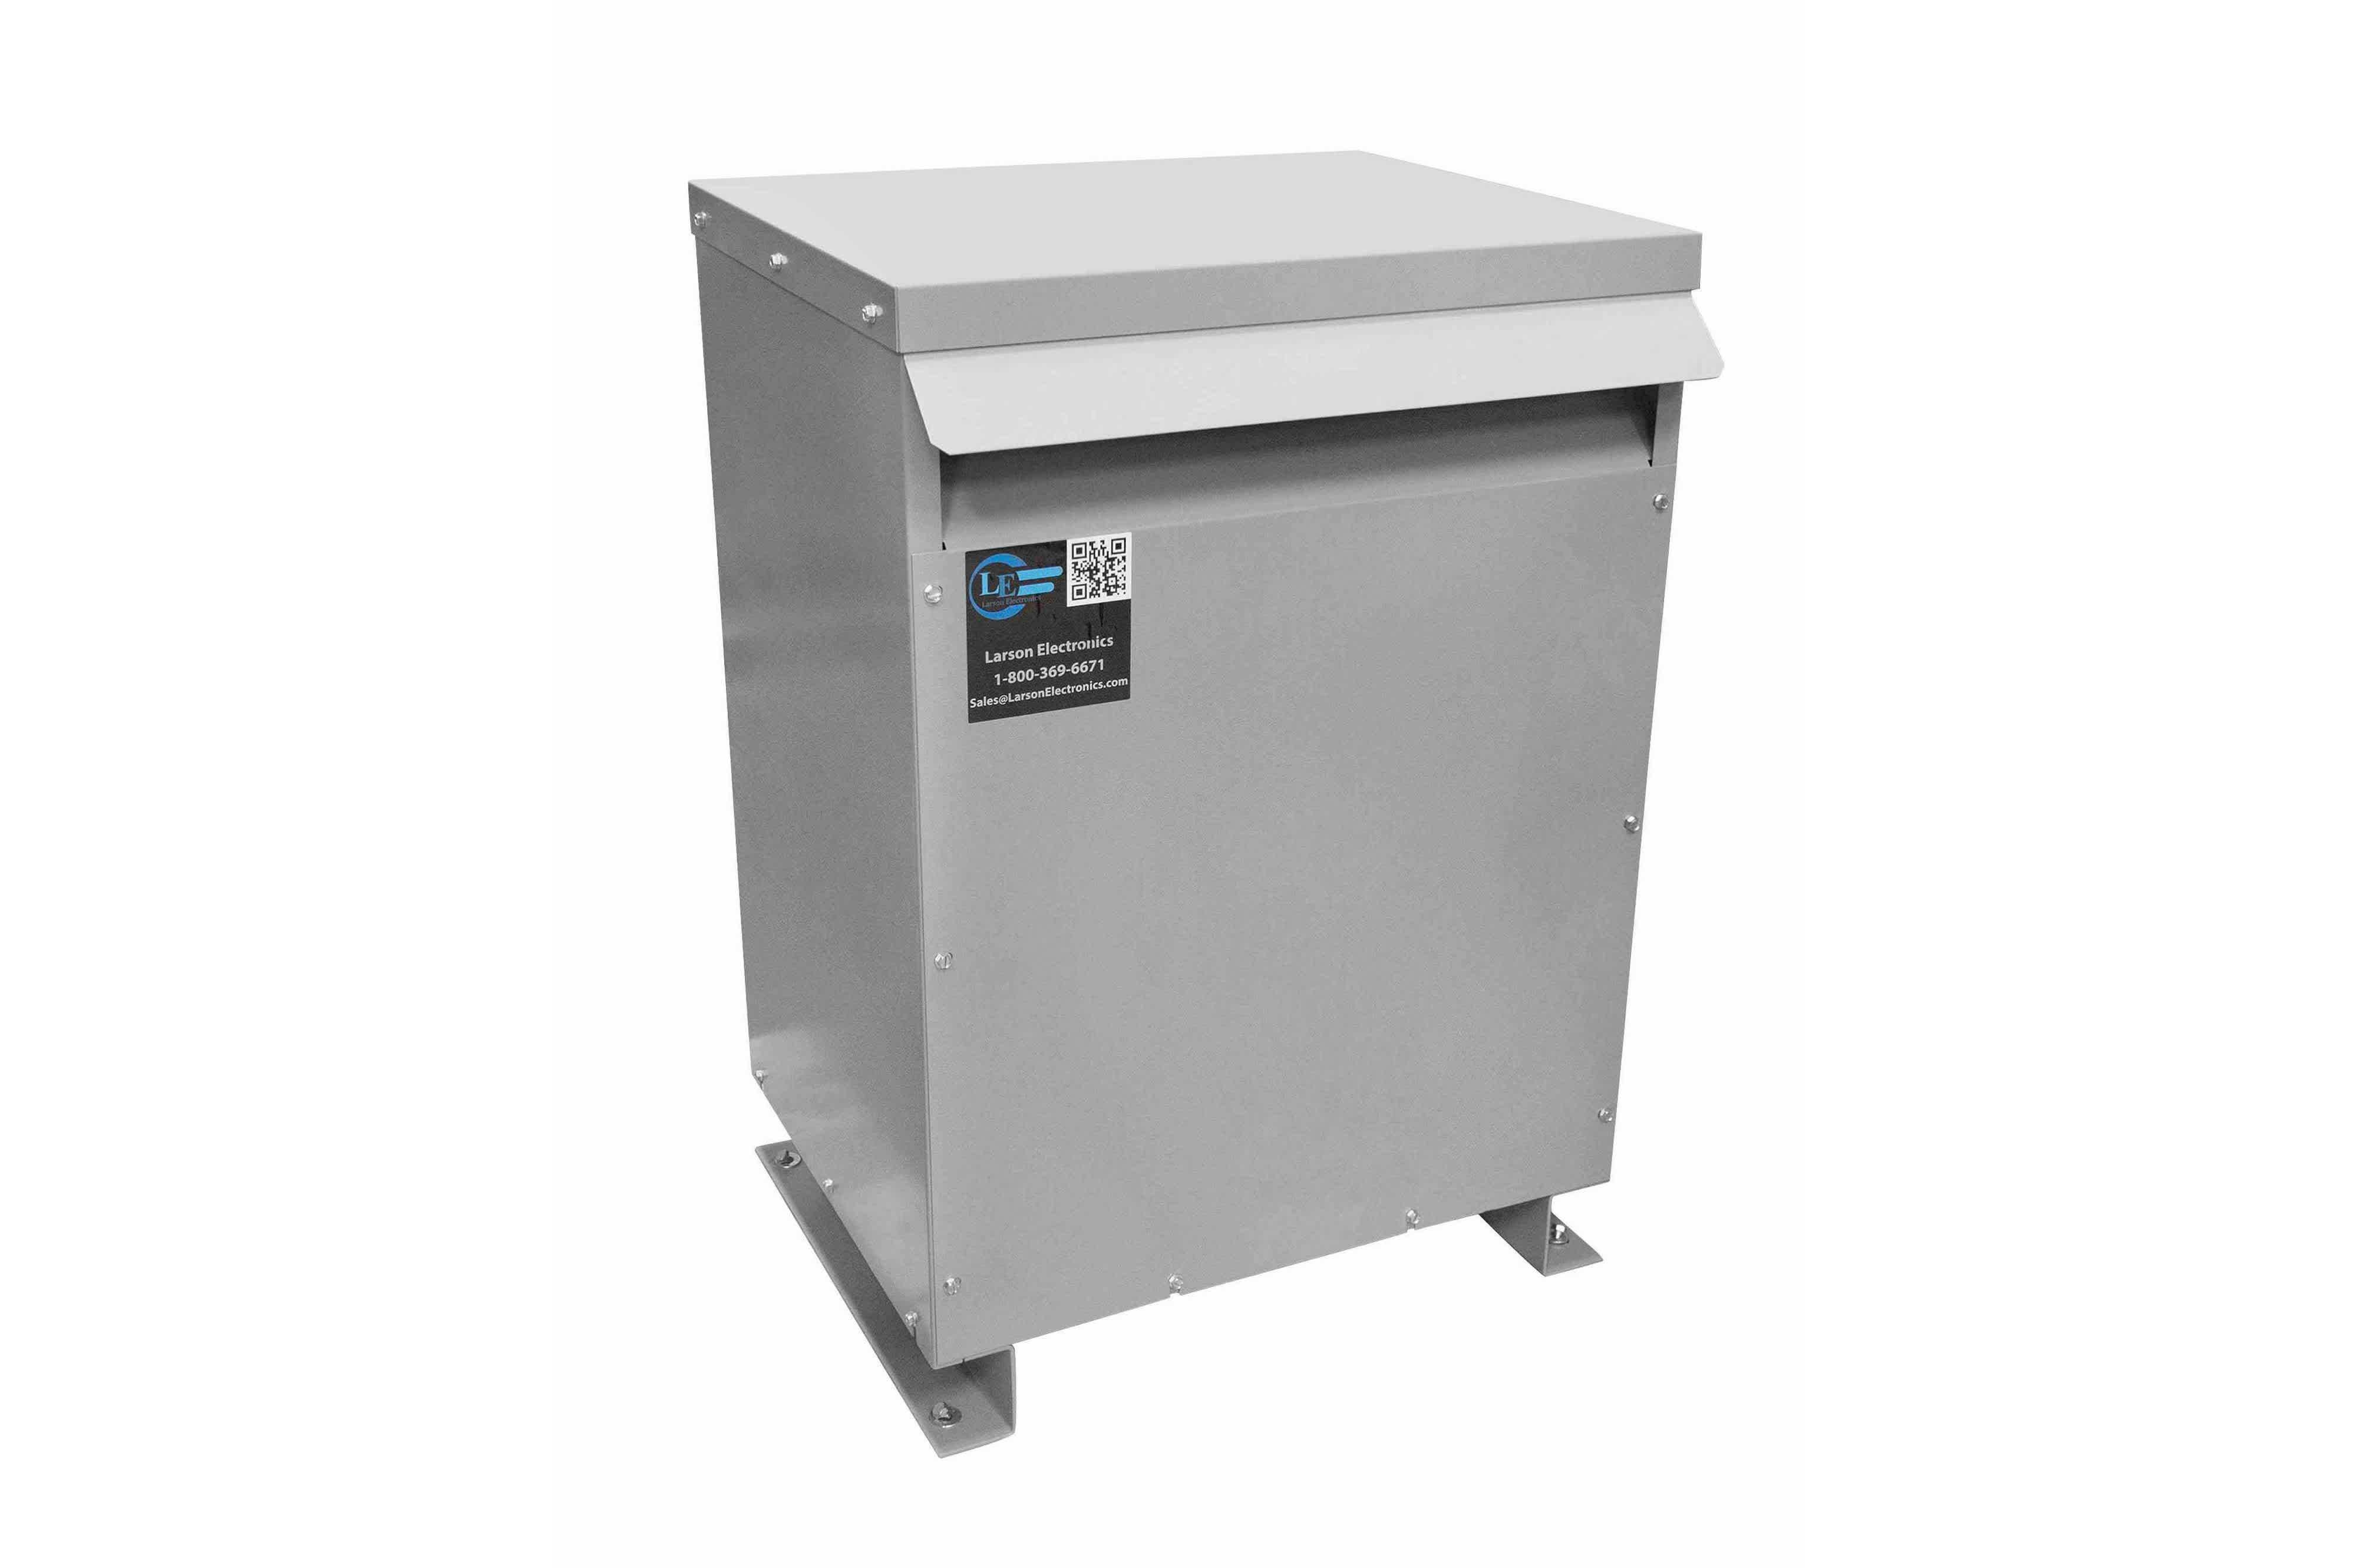 275 kVA 3PH Isolation Transformer, 400V Delta Primary, 600V Delta Secondary, N3R, Ventilated, 60 Hz